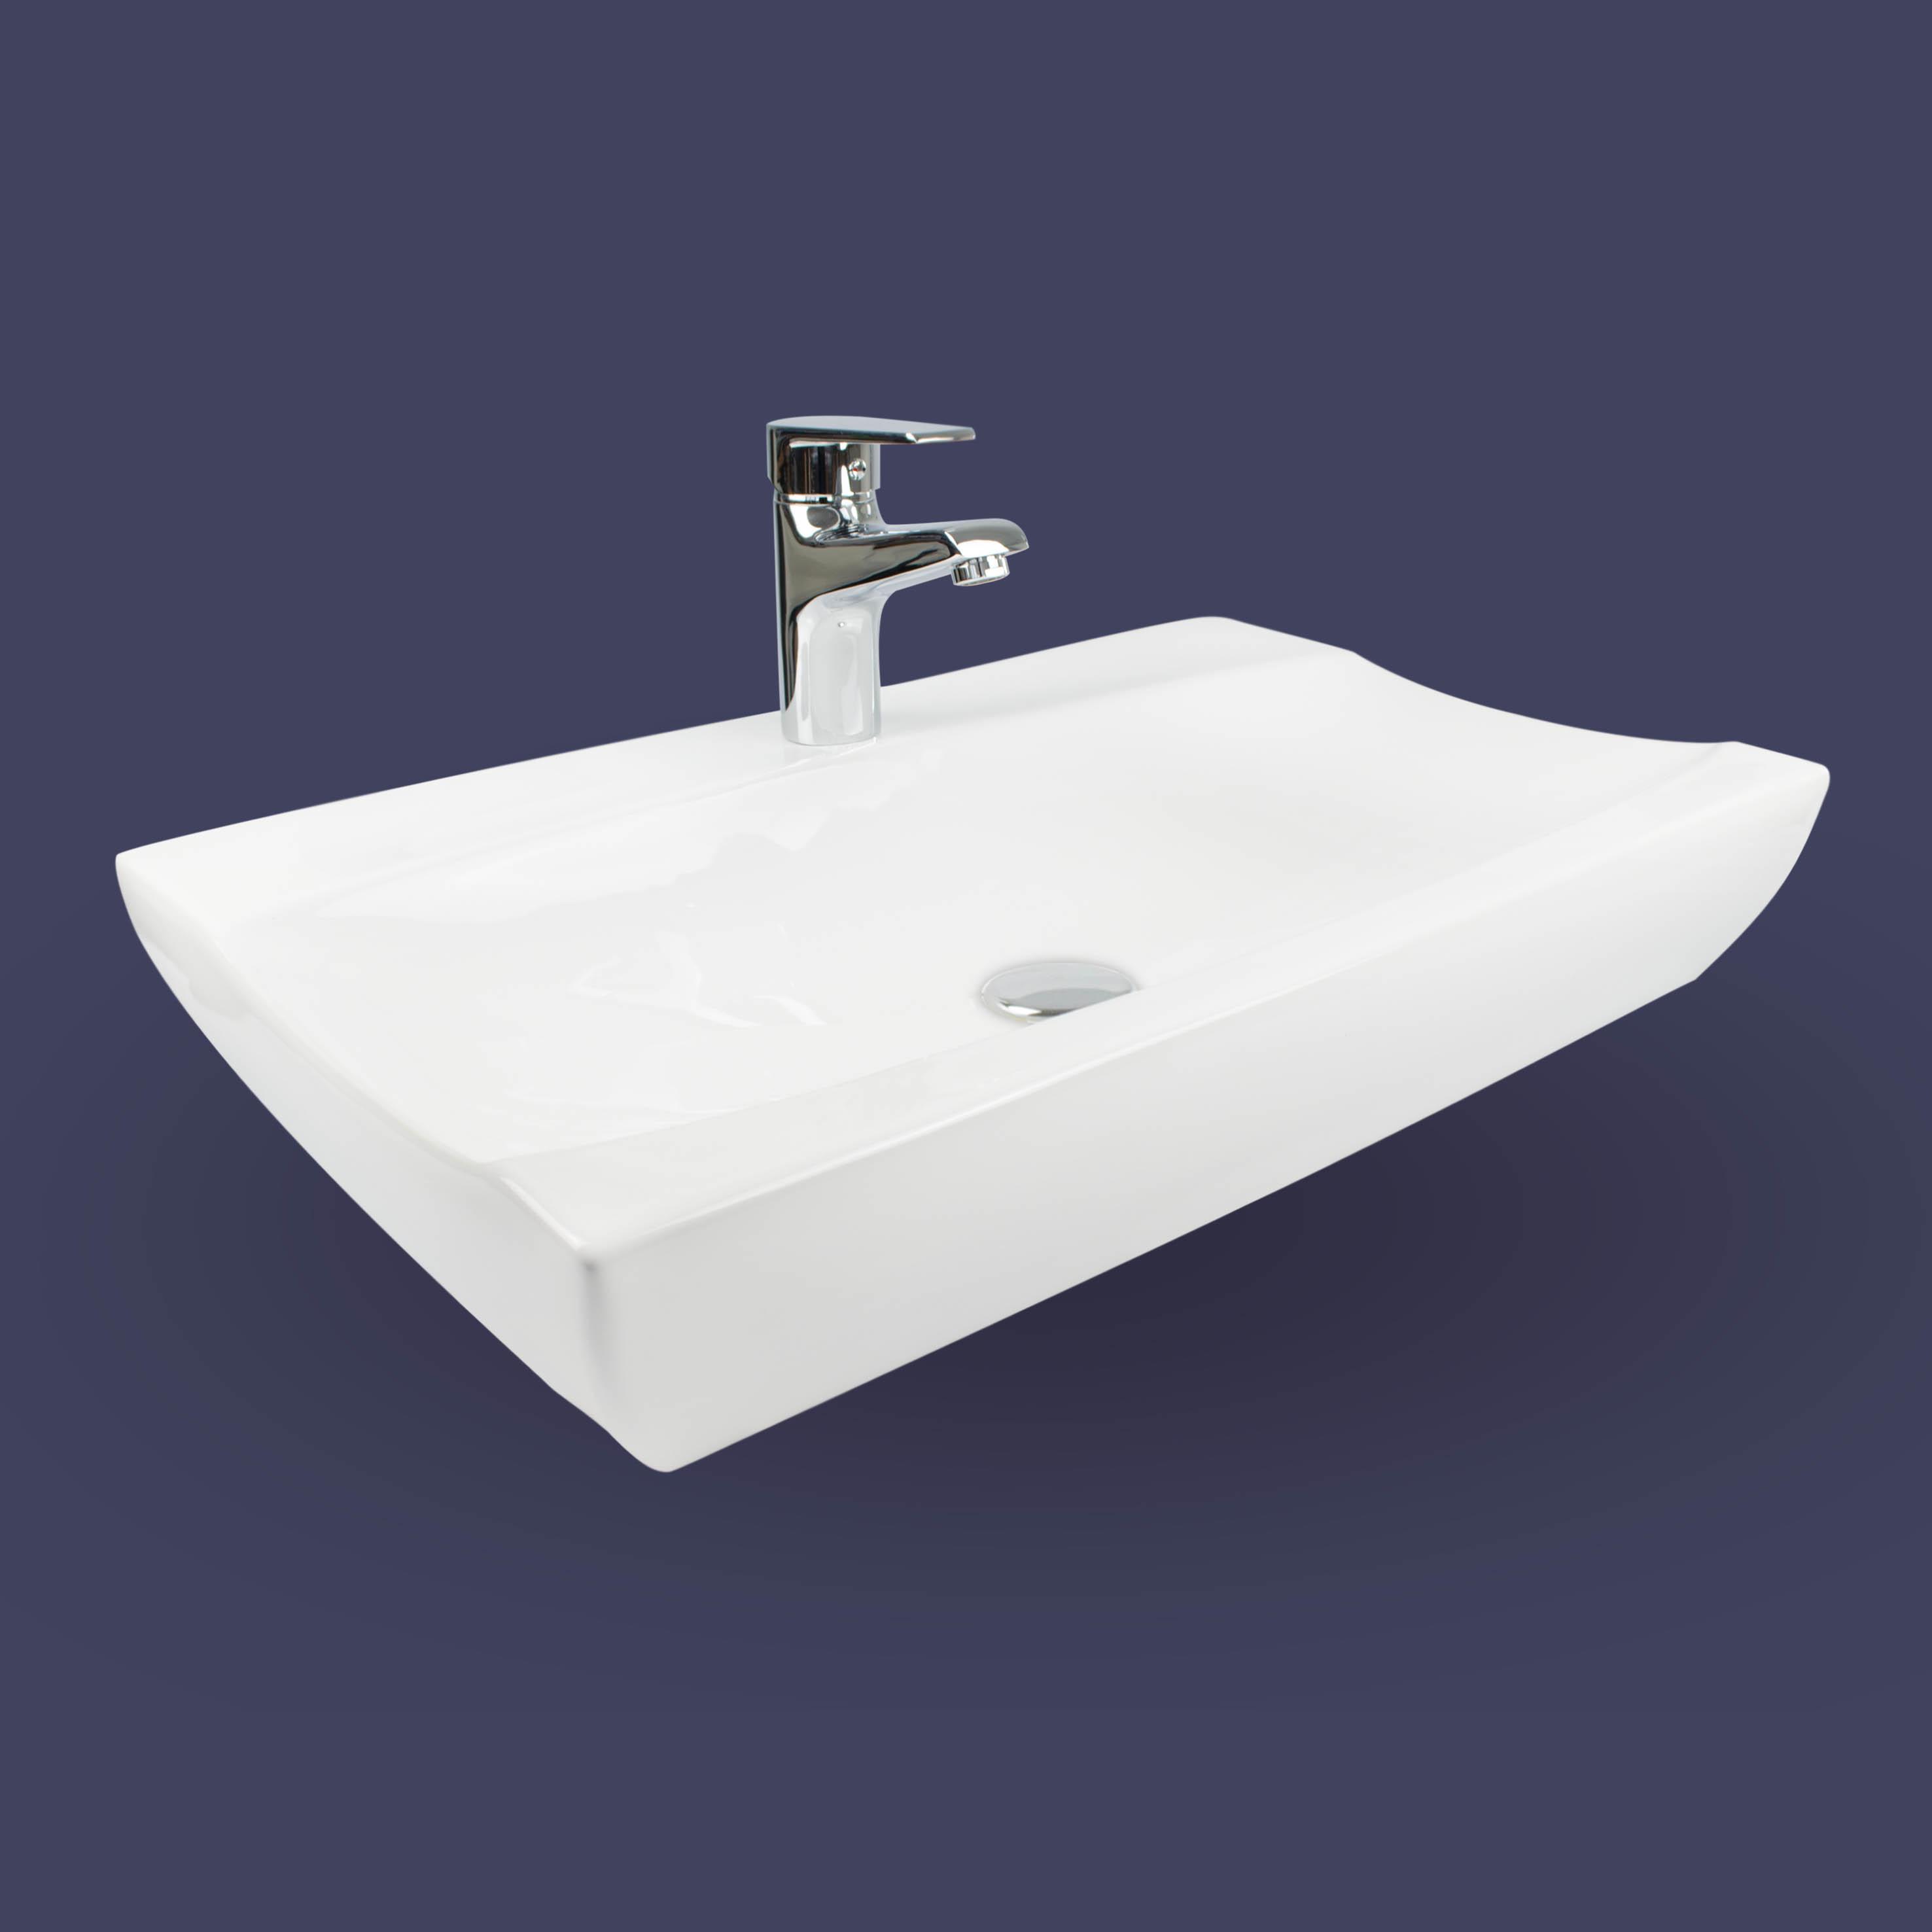 aufsatz waschbecken mit nano beschichtung keramik waschschale f r tischmontage ebay. Black Bedroom Furniture Sets. Home Design Ideas